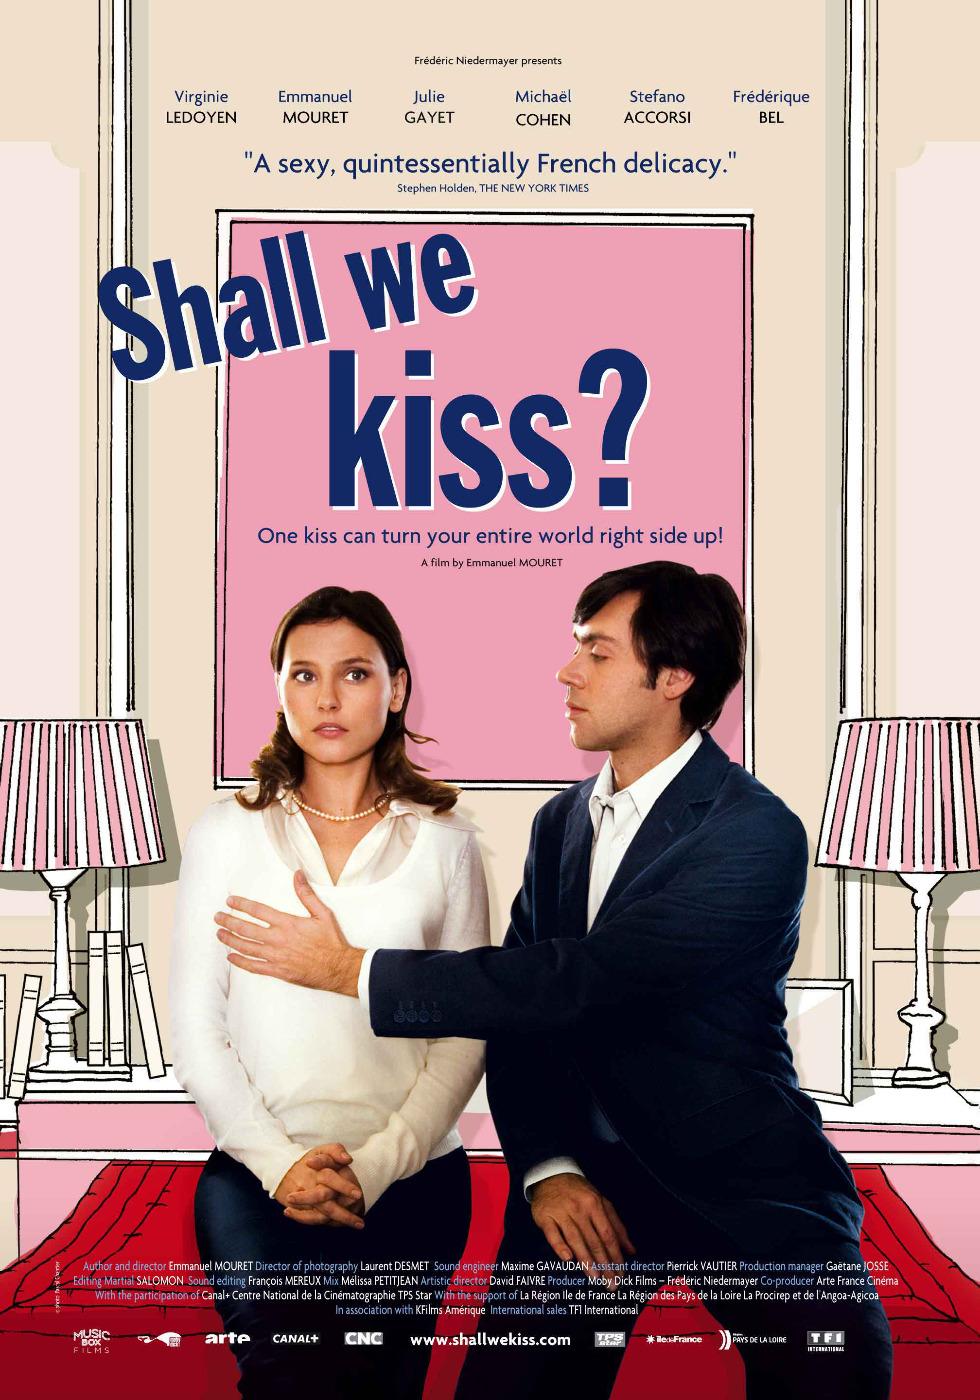 მოდი ვაკოცოთ ერთმანეთს (ქართულად) Un baiser s'il vous plaît / Shall We Kiss?